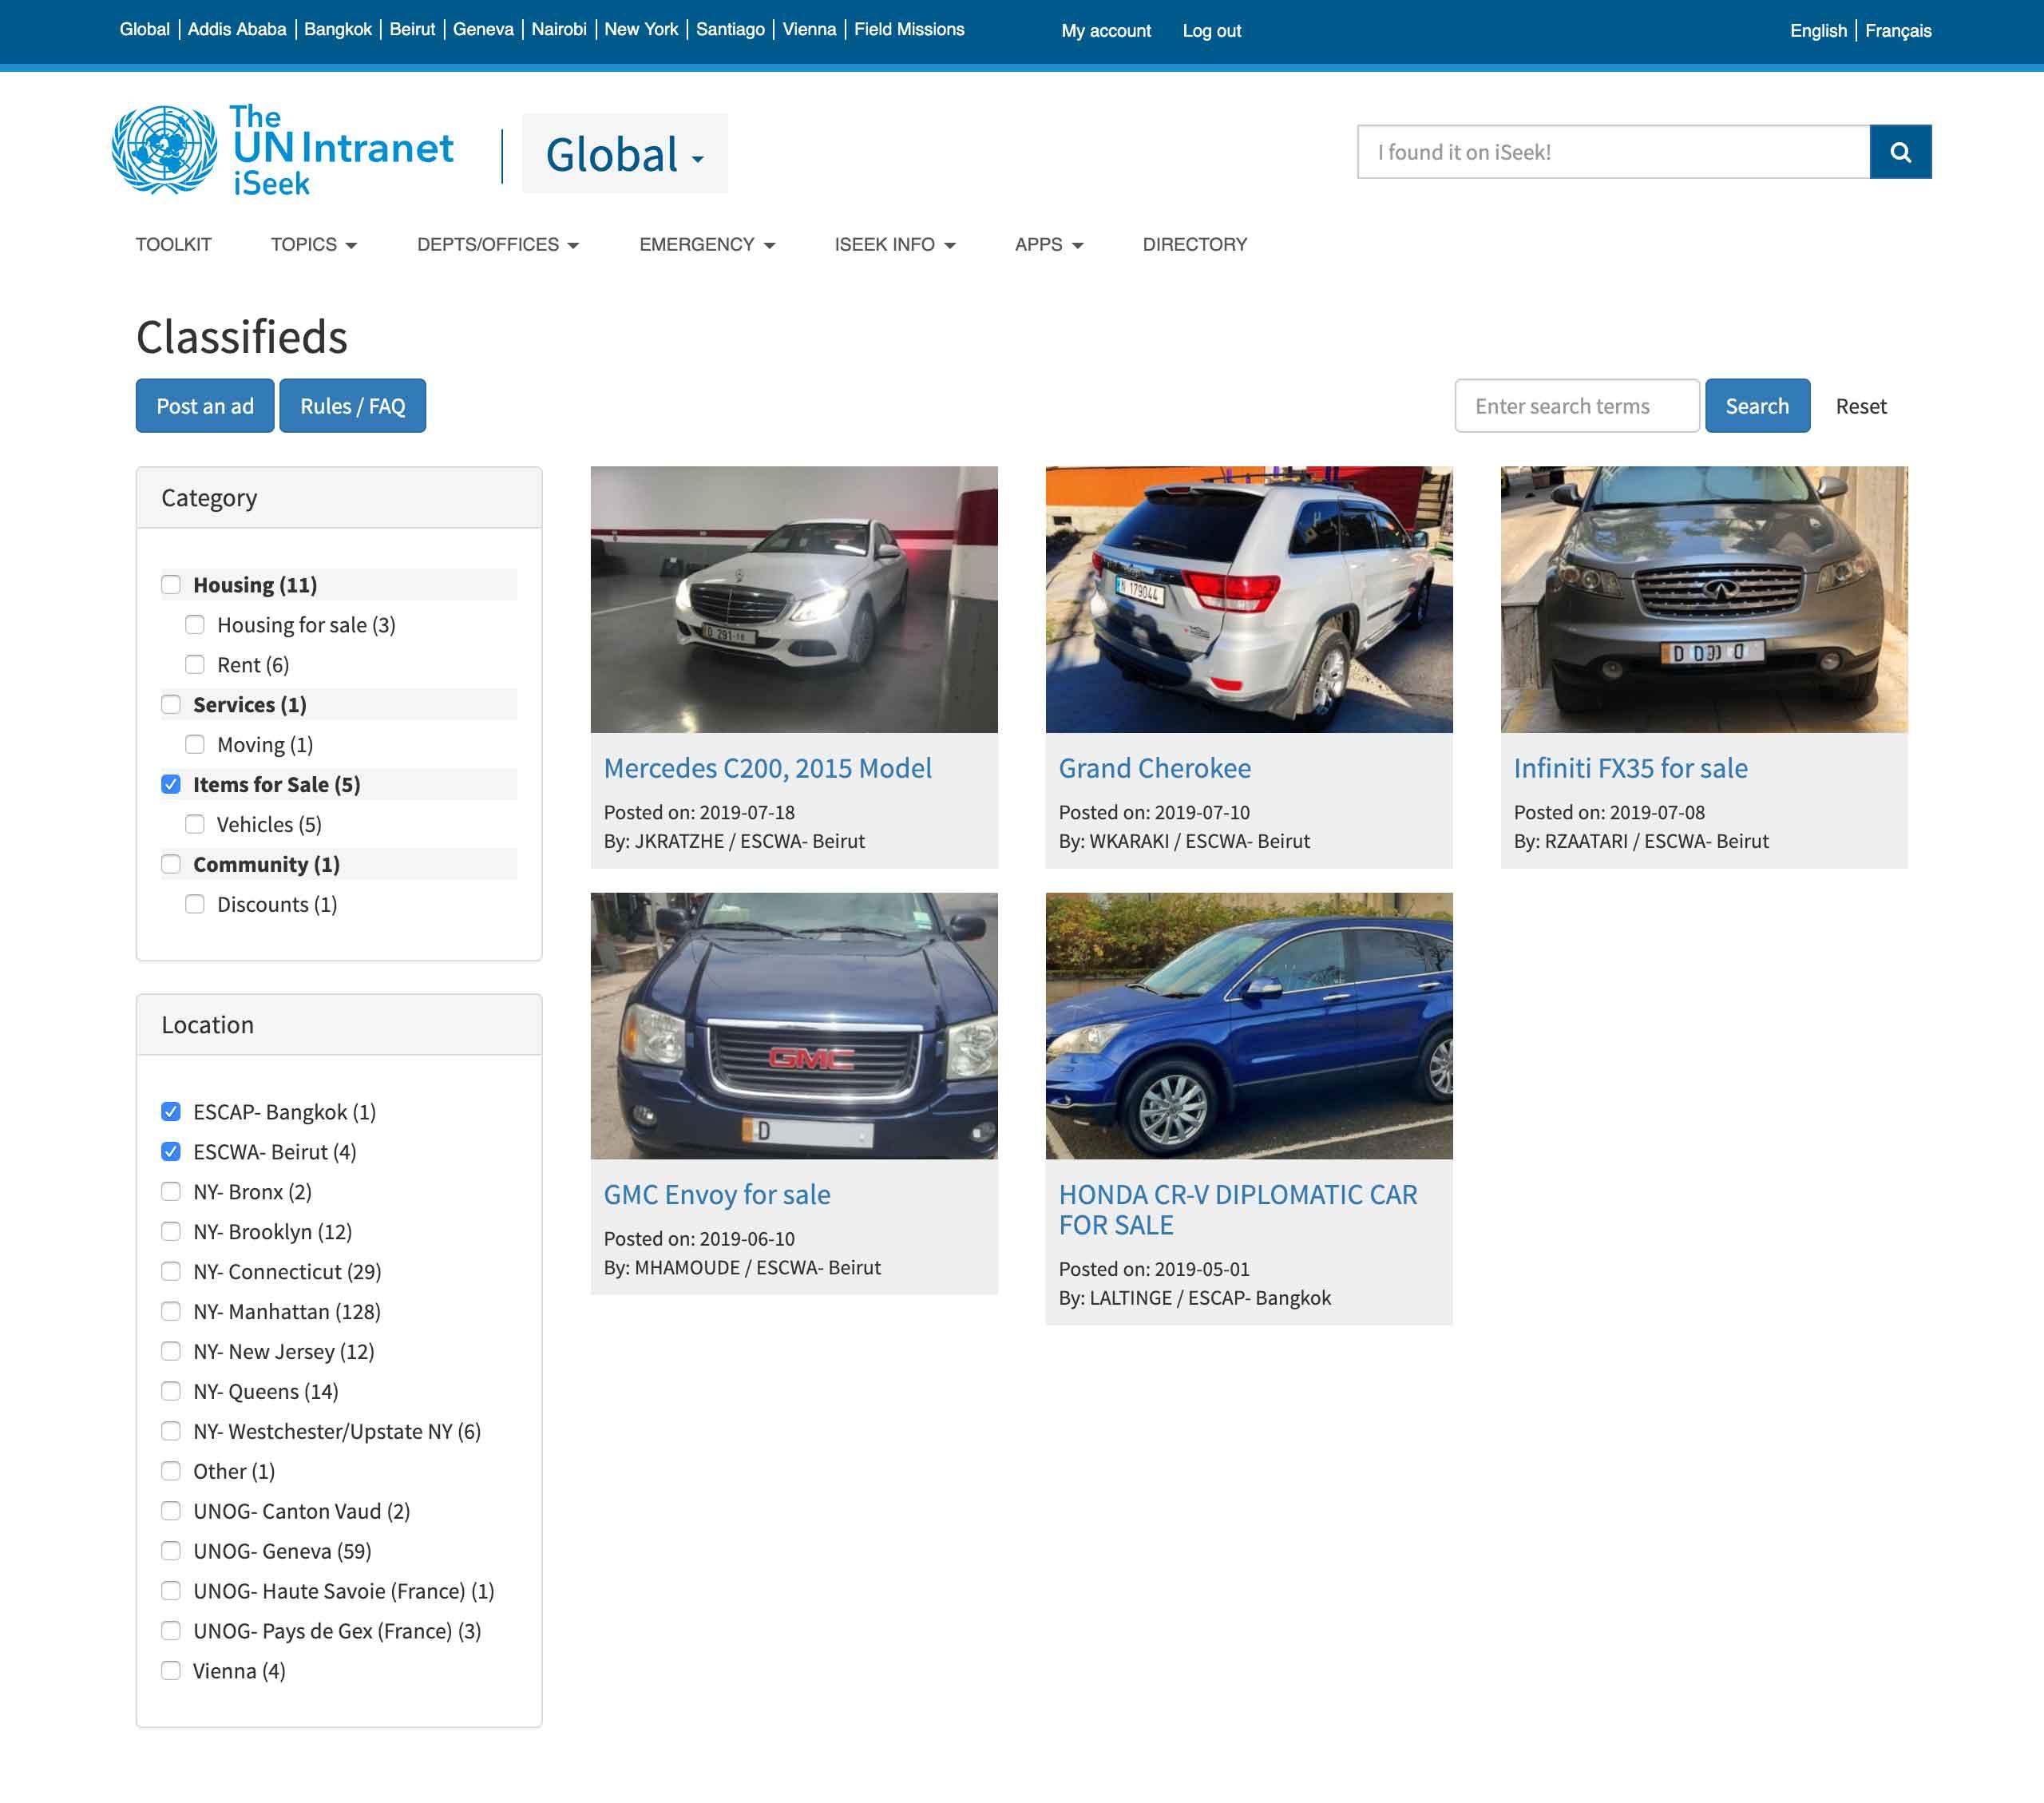 Página de anuncios de ISeek en la intranet de la ONU.